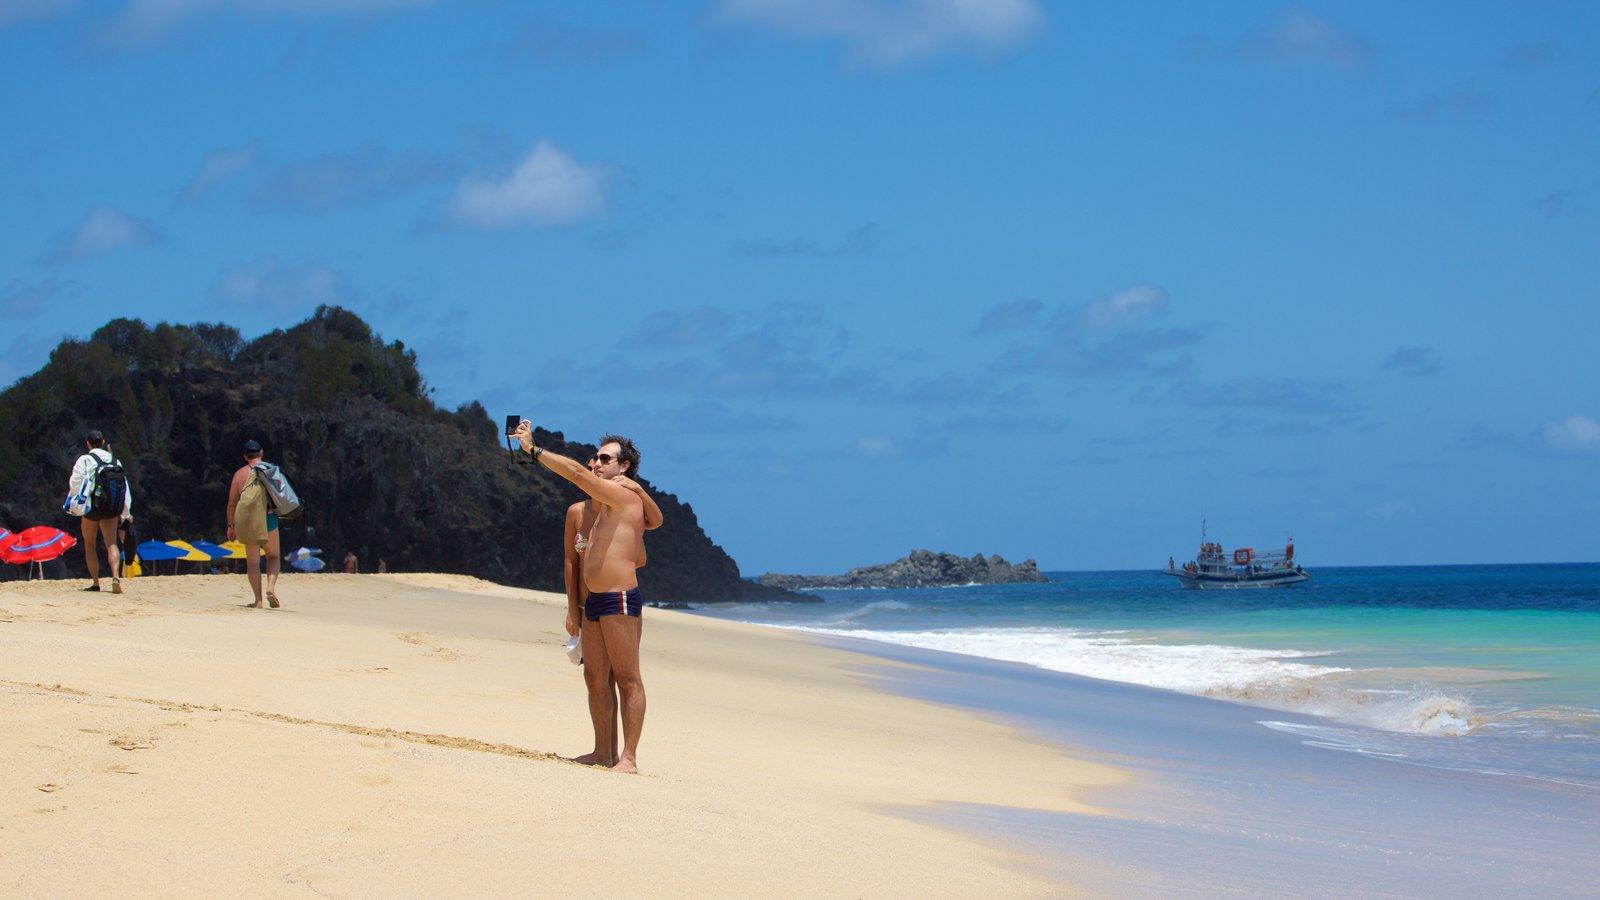 Praia Cacimba do Padre que inclui paisagens litorâneas e uma praia assim como um casal